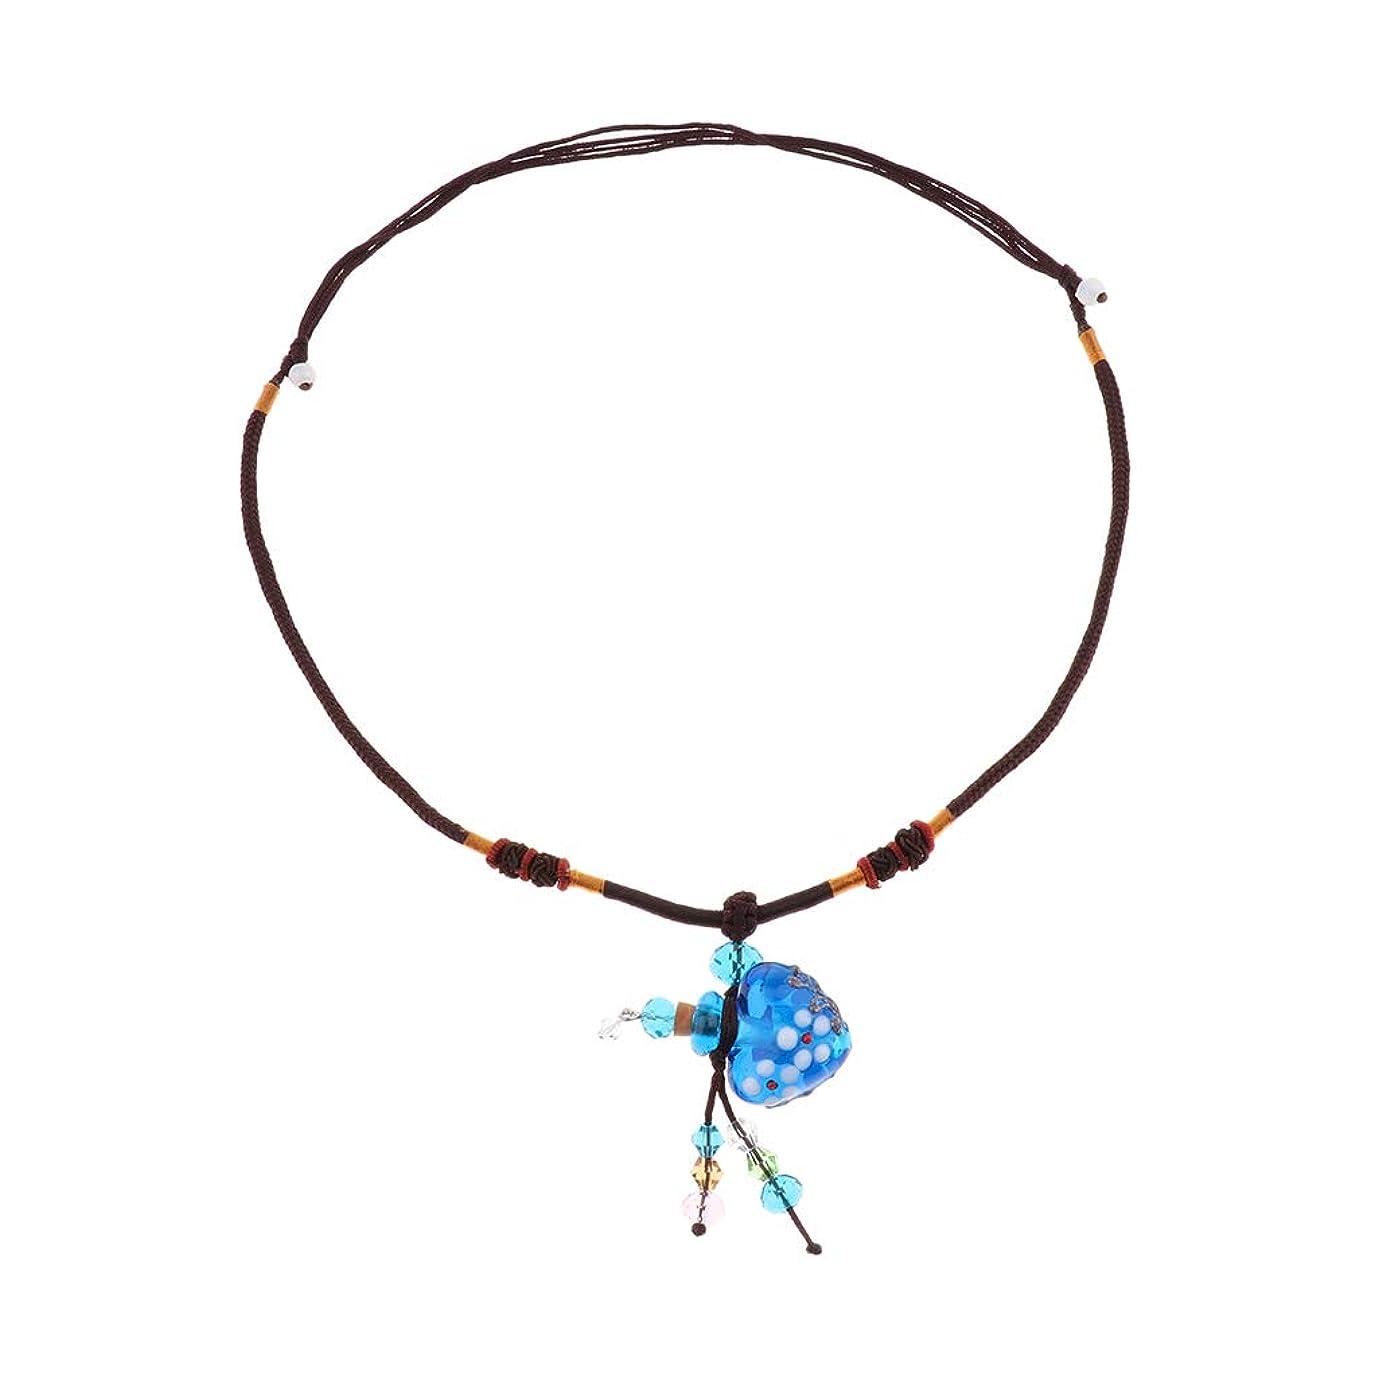 チョーク物理ものPerfeclan ガラス香水瓶 ペンダント ネックレス オイルディフューザー バイアル 3色選べ - 青